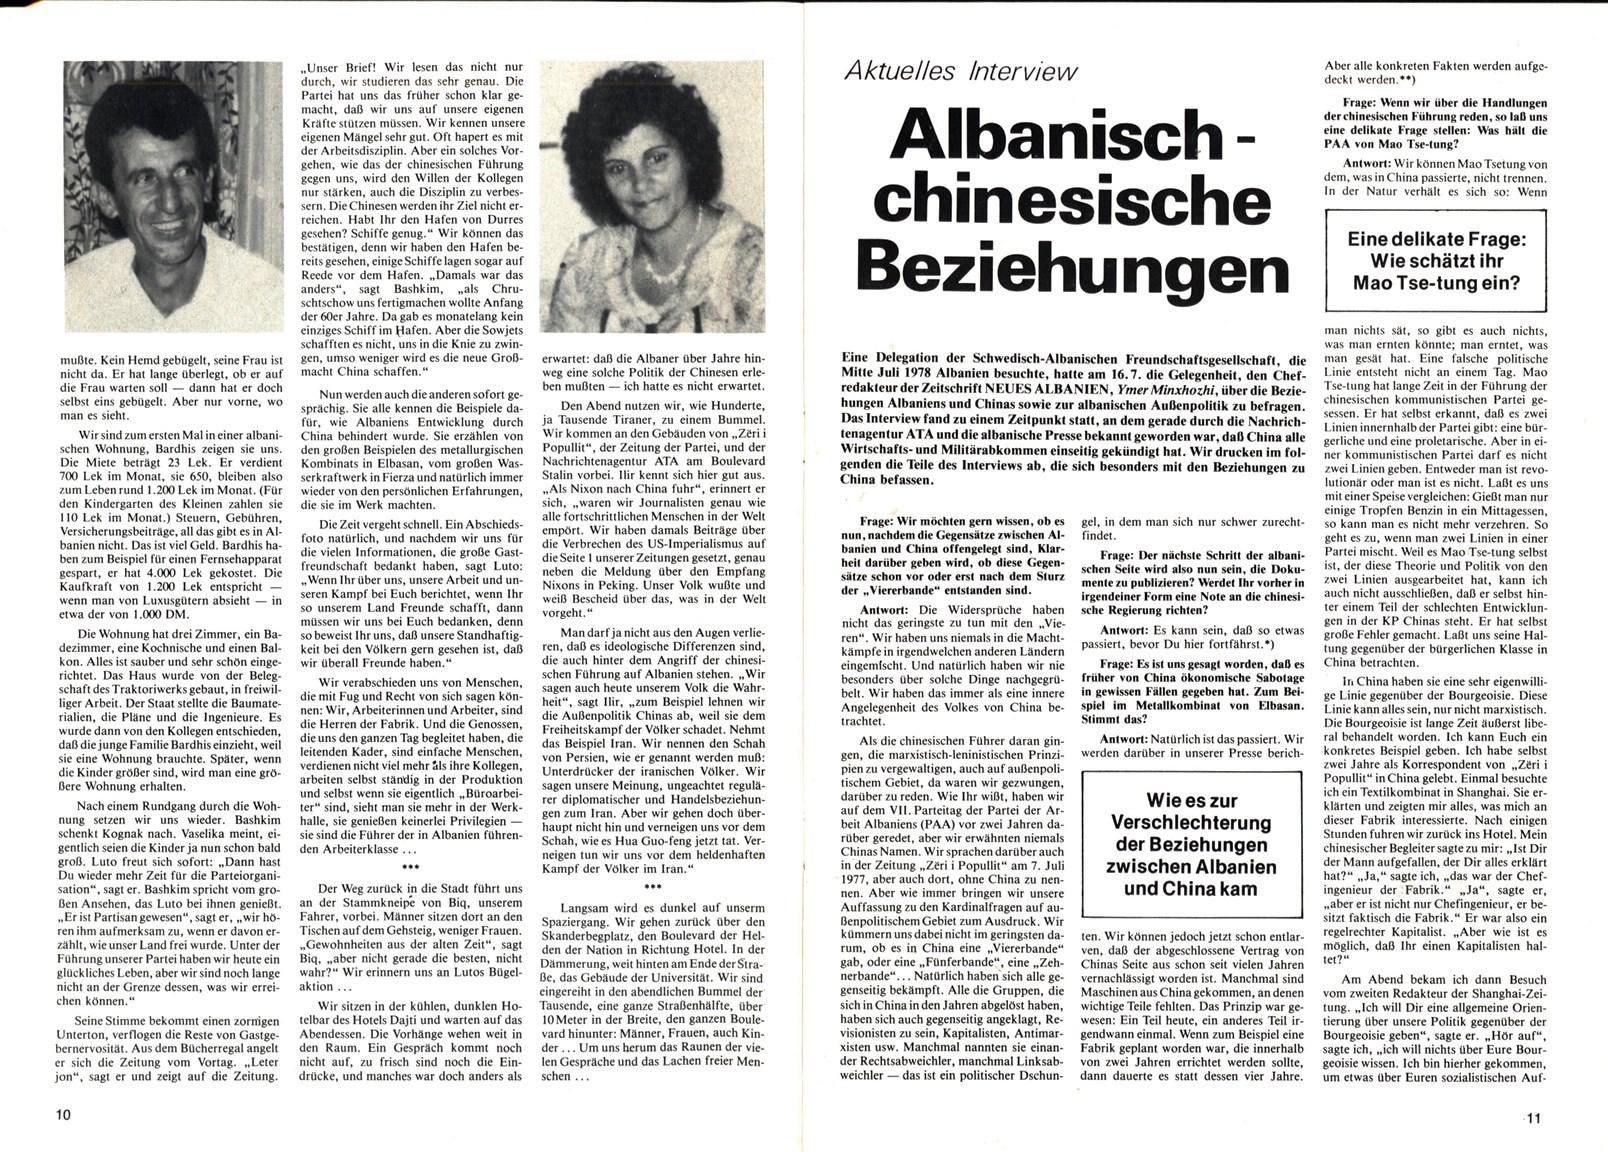 GFA_Albanische_Hefte_1978_03_06